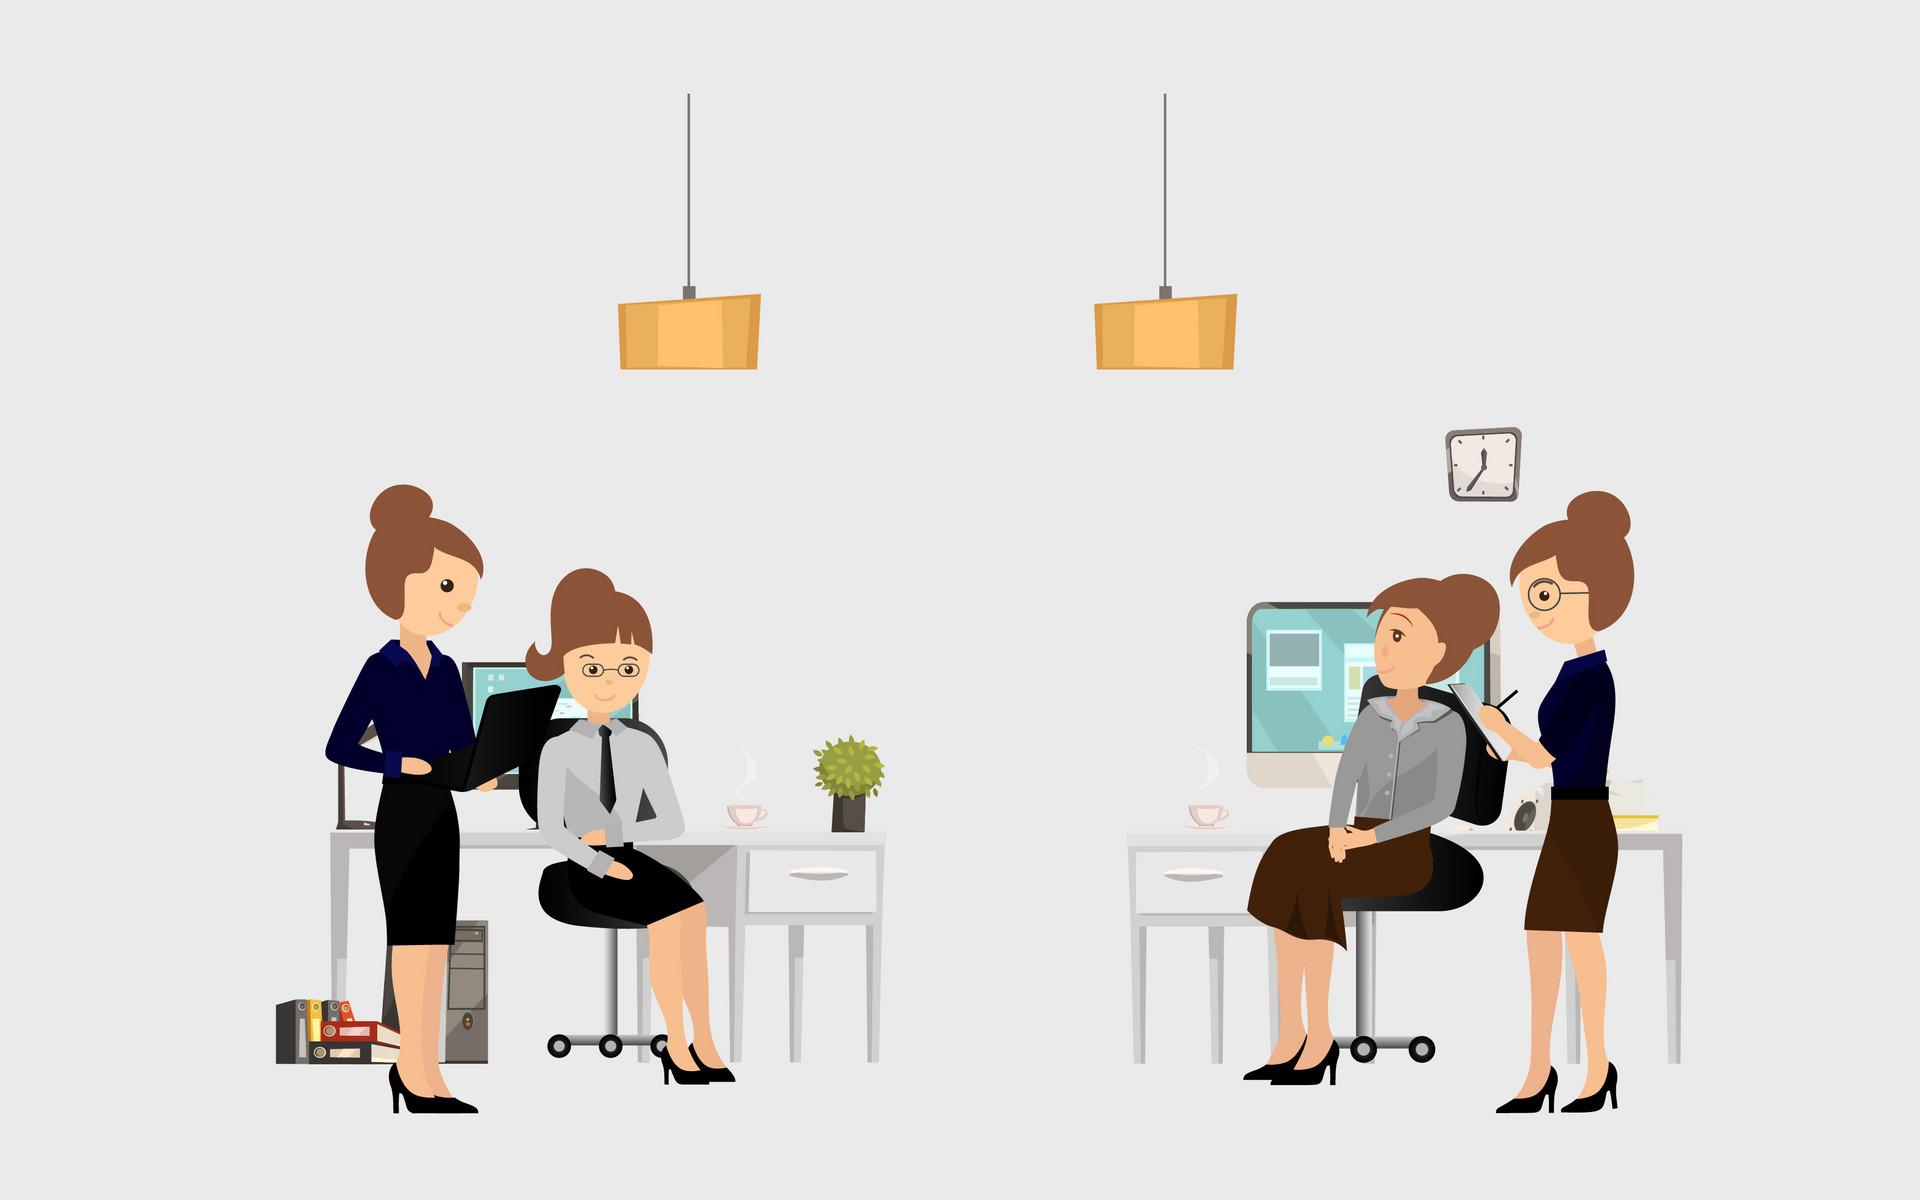 员工代缴社保 企业员工社保要纳方式的新探索